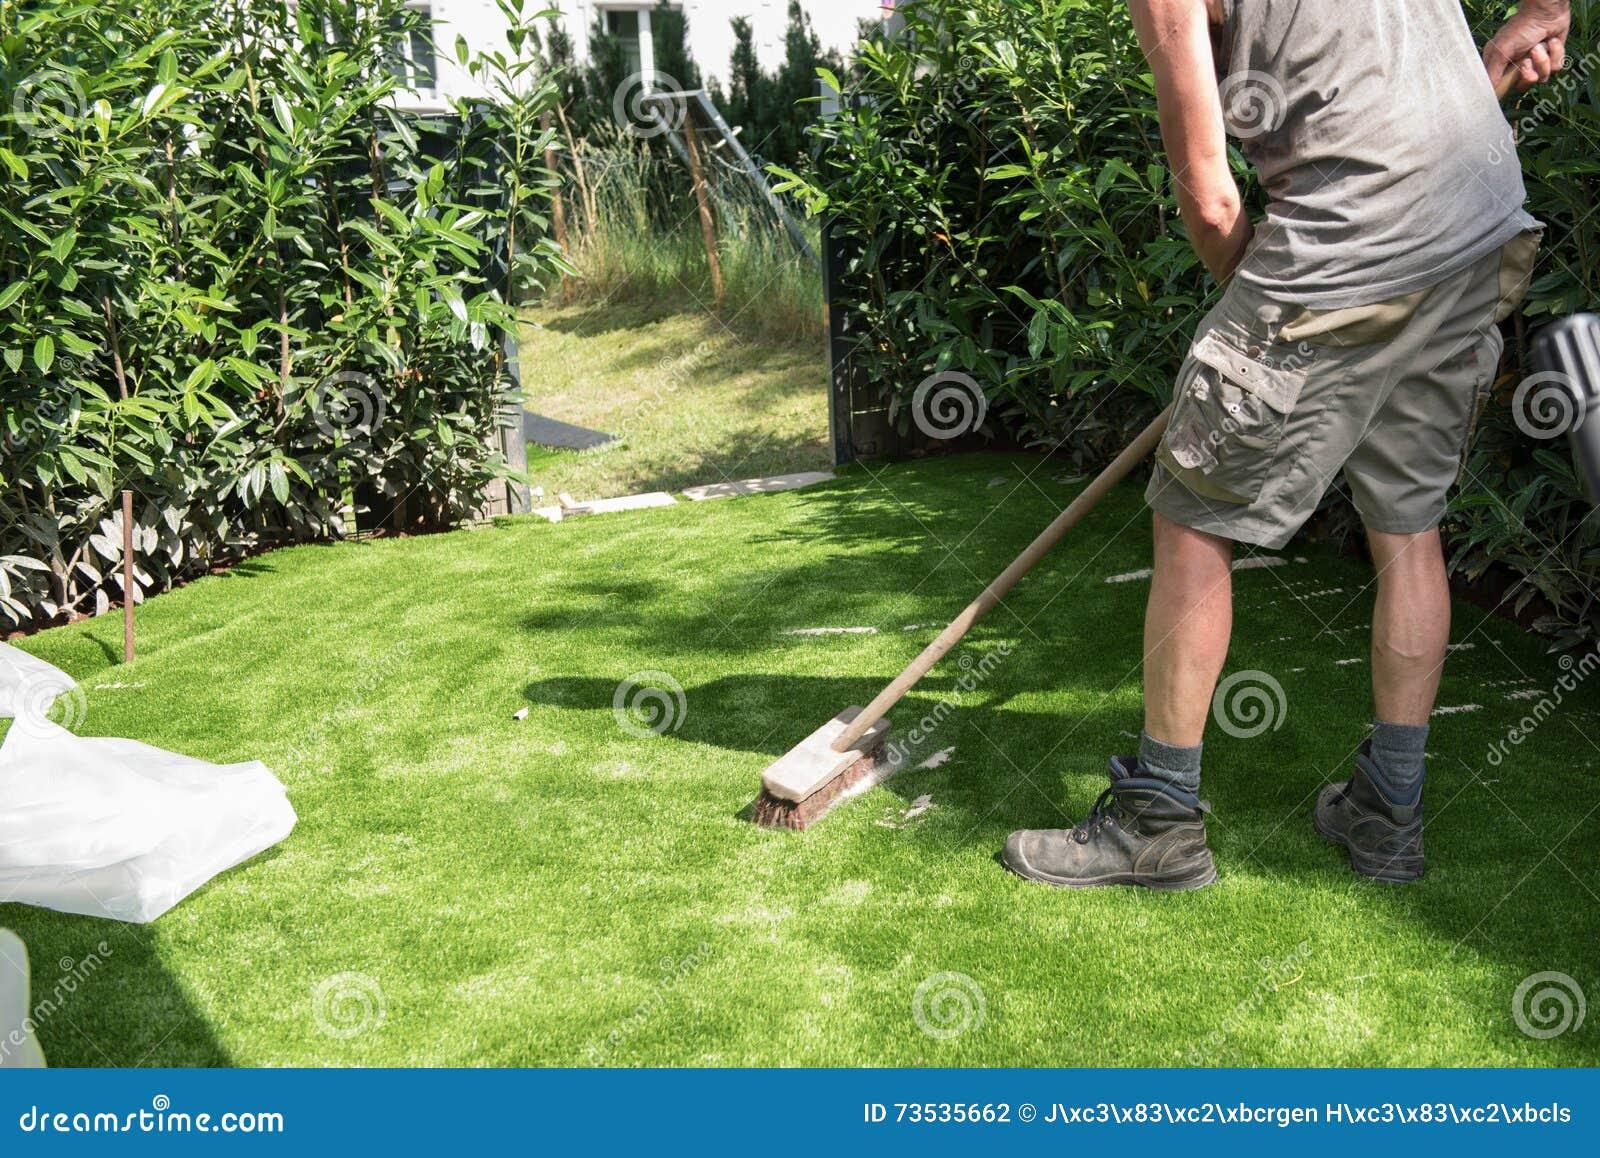 Fachowa ogrodniczka stawia piasek na sztucznej murawie